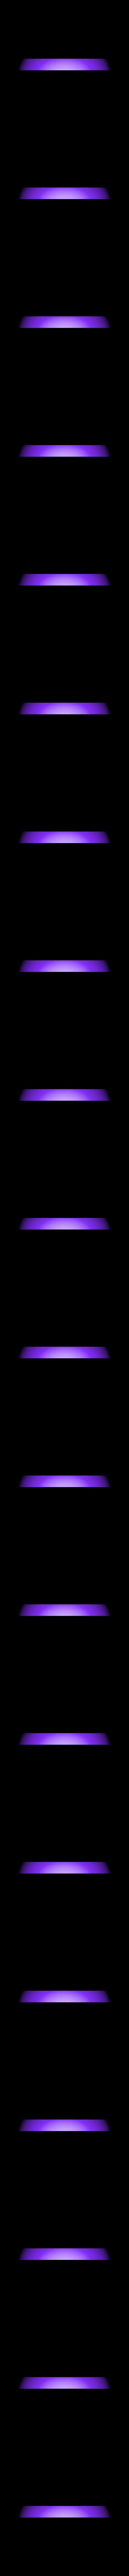 Tappo_Cassa.stl Télécharger fichier STL gratuit Haut-parleur Iphone 6 • Modèle à imprimer en 3D, Tanleste46